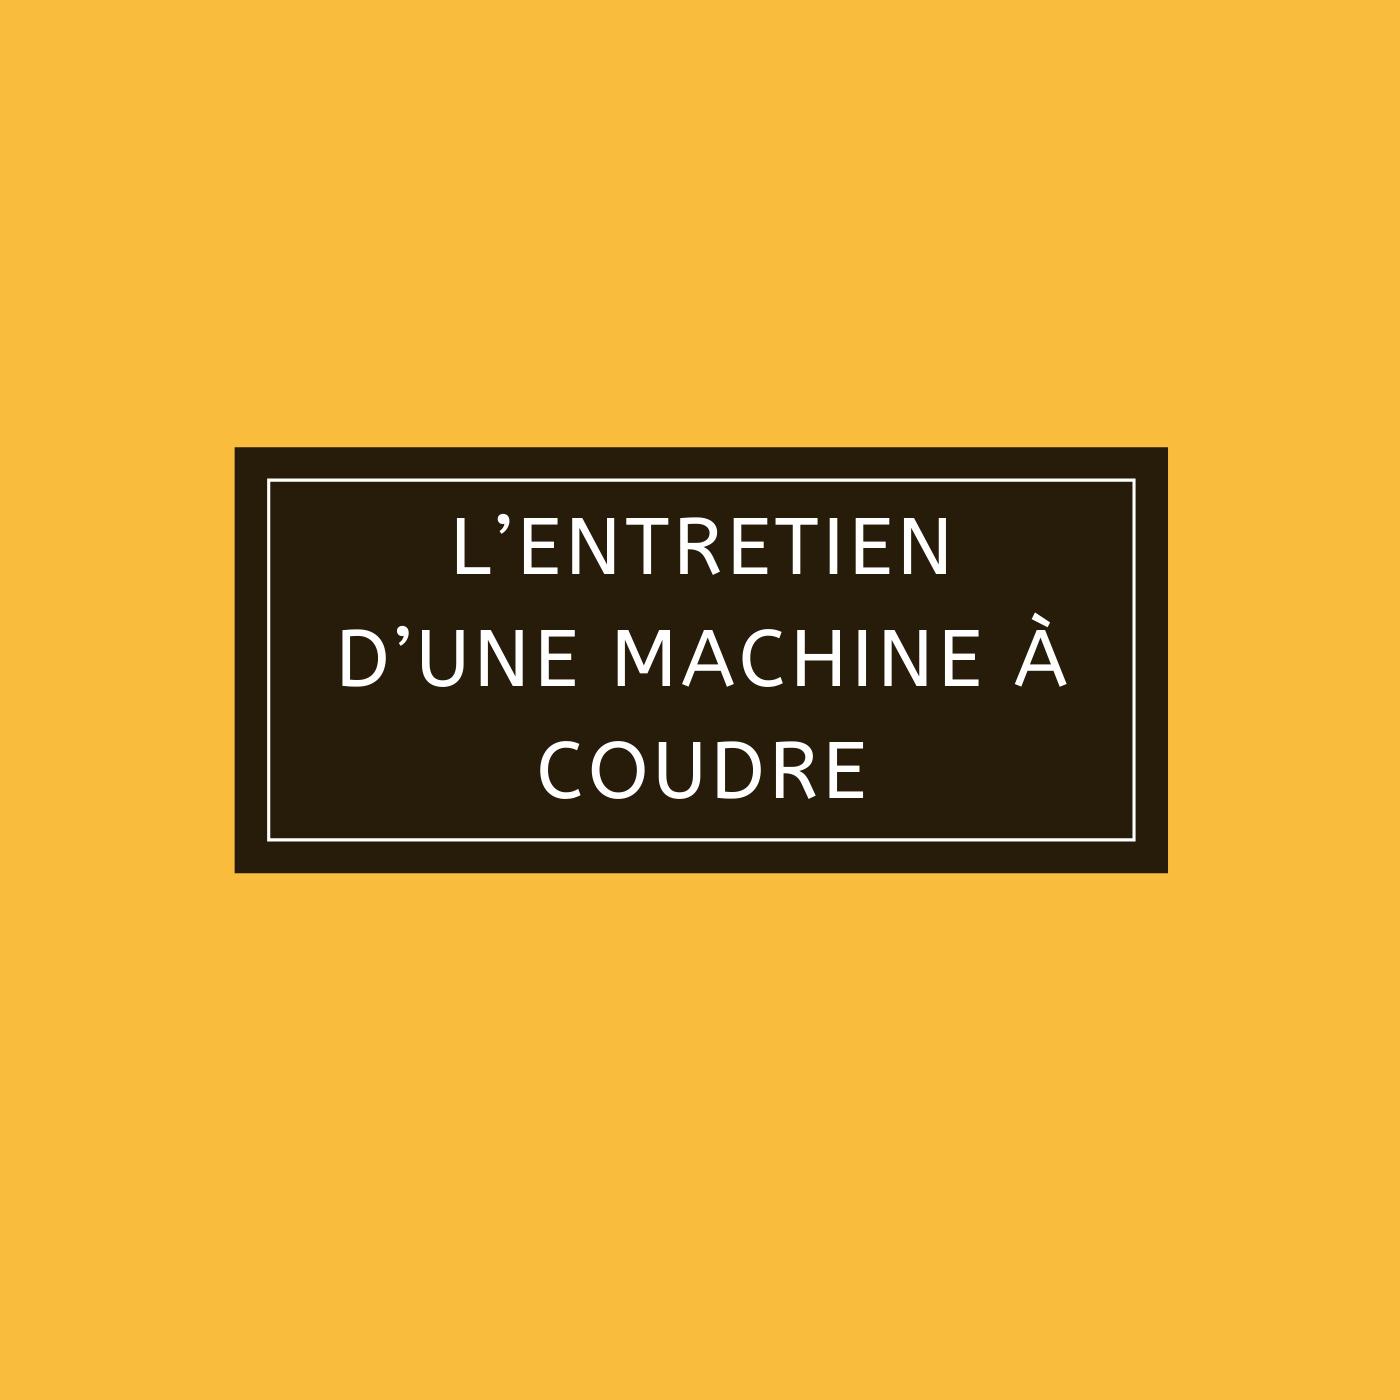 L'entretien-d'une-machine-à-coudre